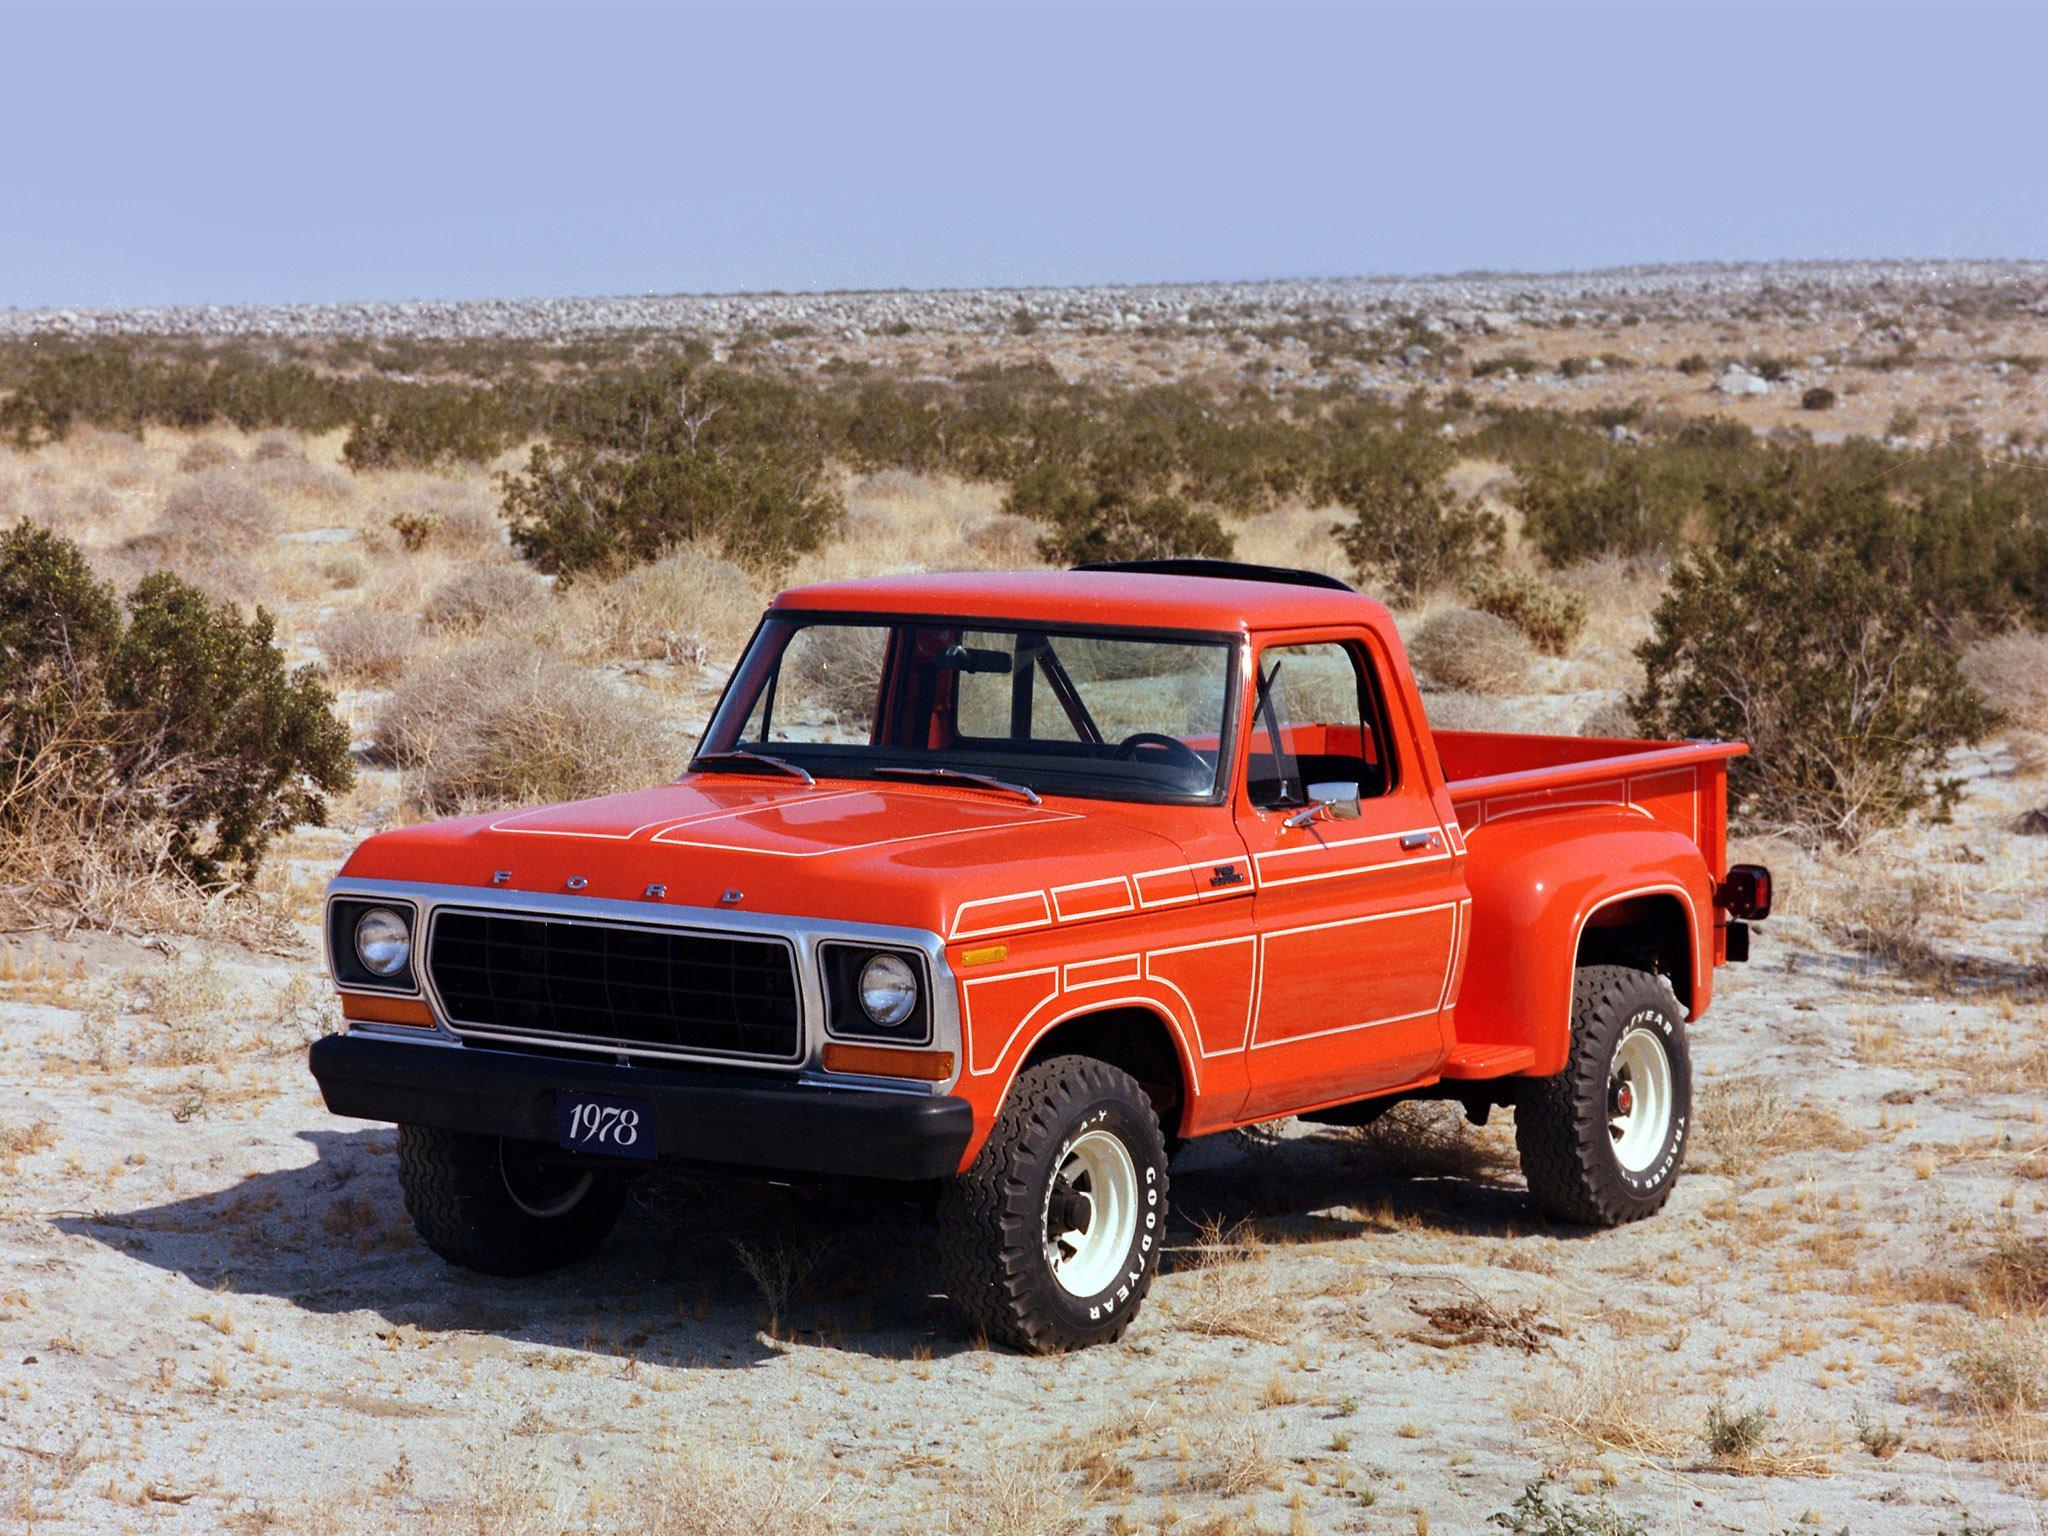 Classic Ford Truck Wallpaper 2048x1536